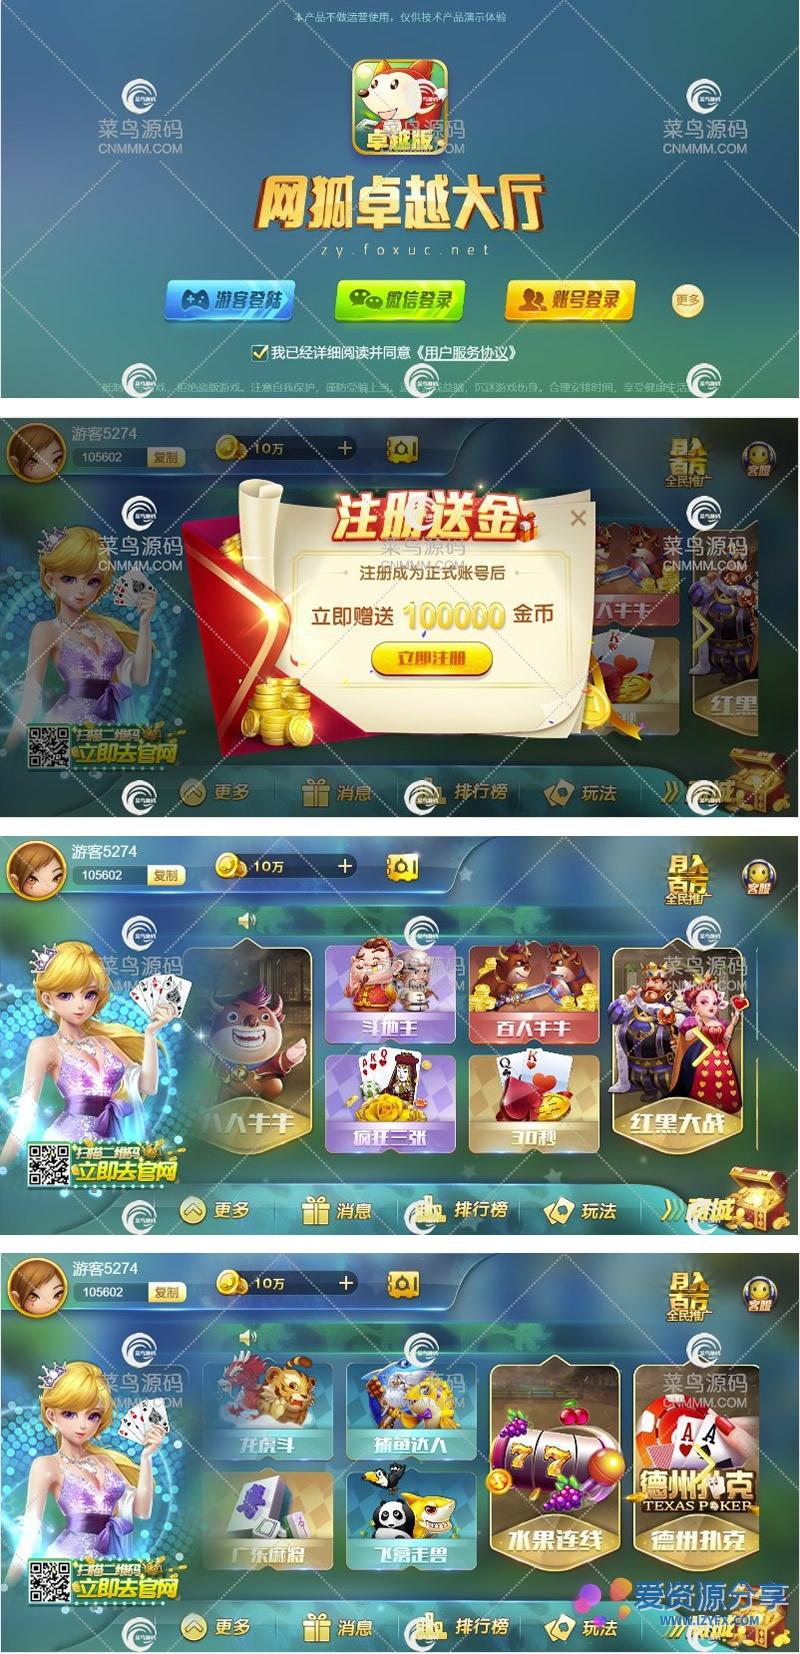 网狐卓越娱乐23款游戏网站源码 带双端APP-爱资源分享